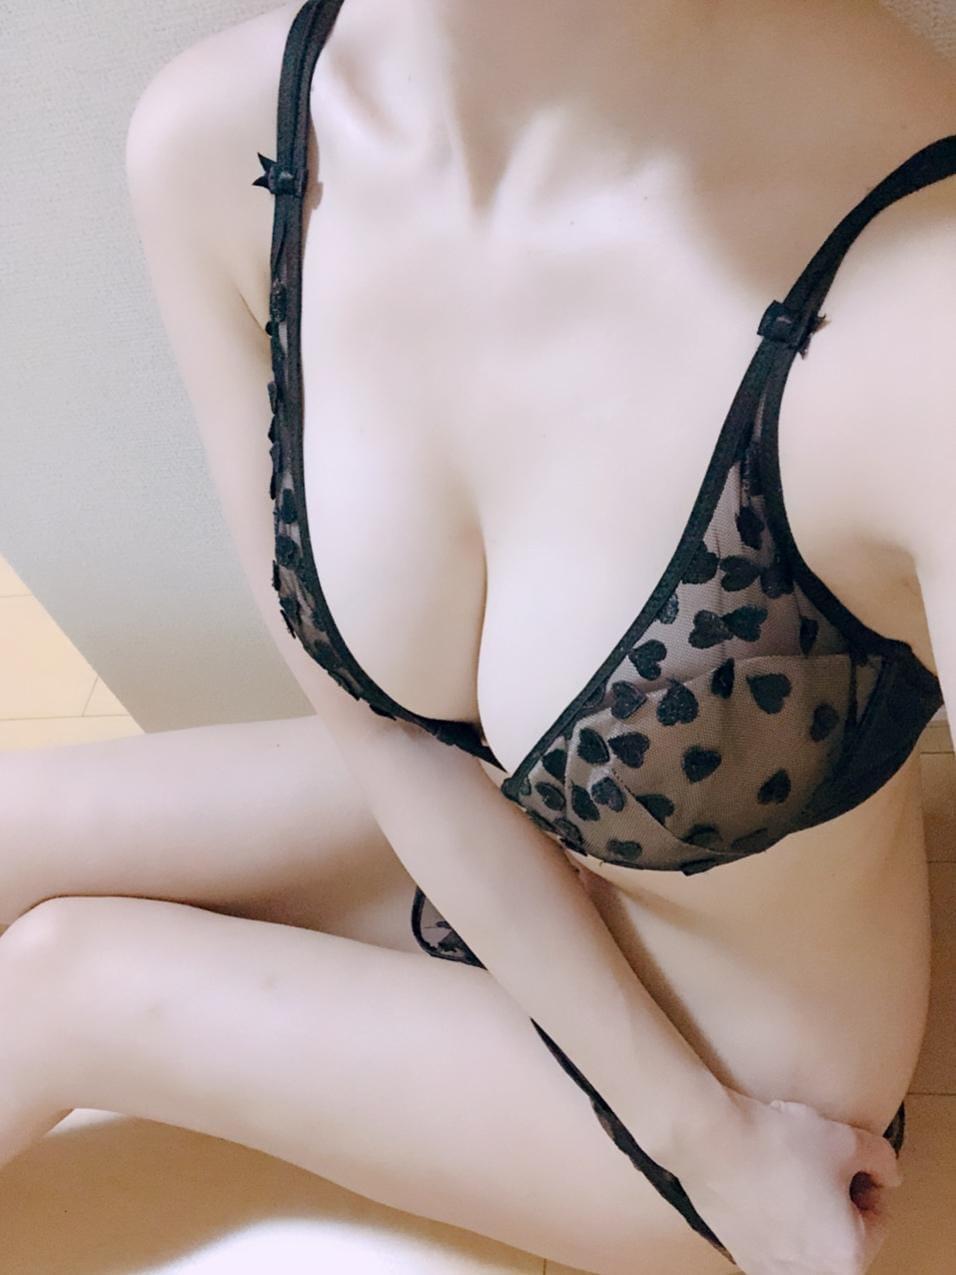 「おそよう?」01/19(土) 03:50   HIMEの写メ・風俗動画